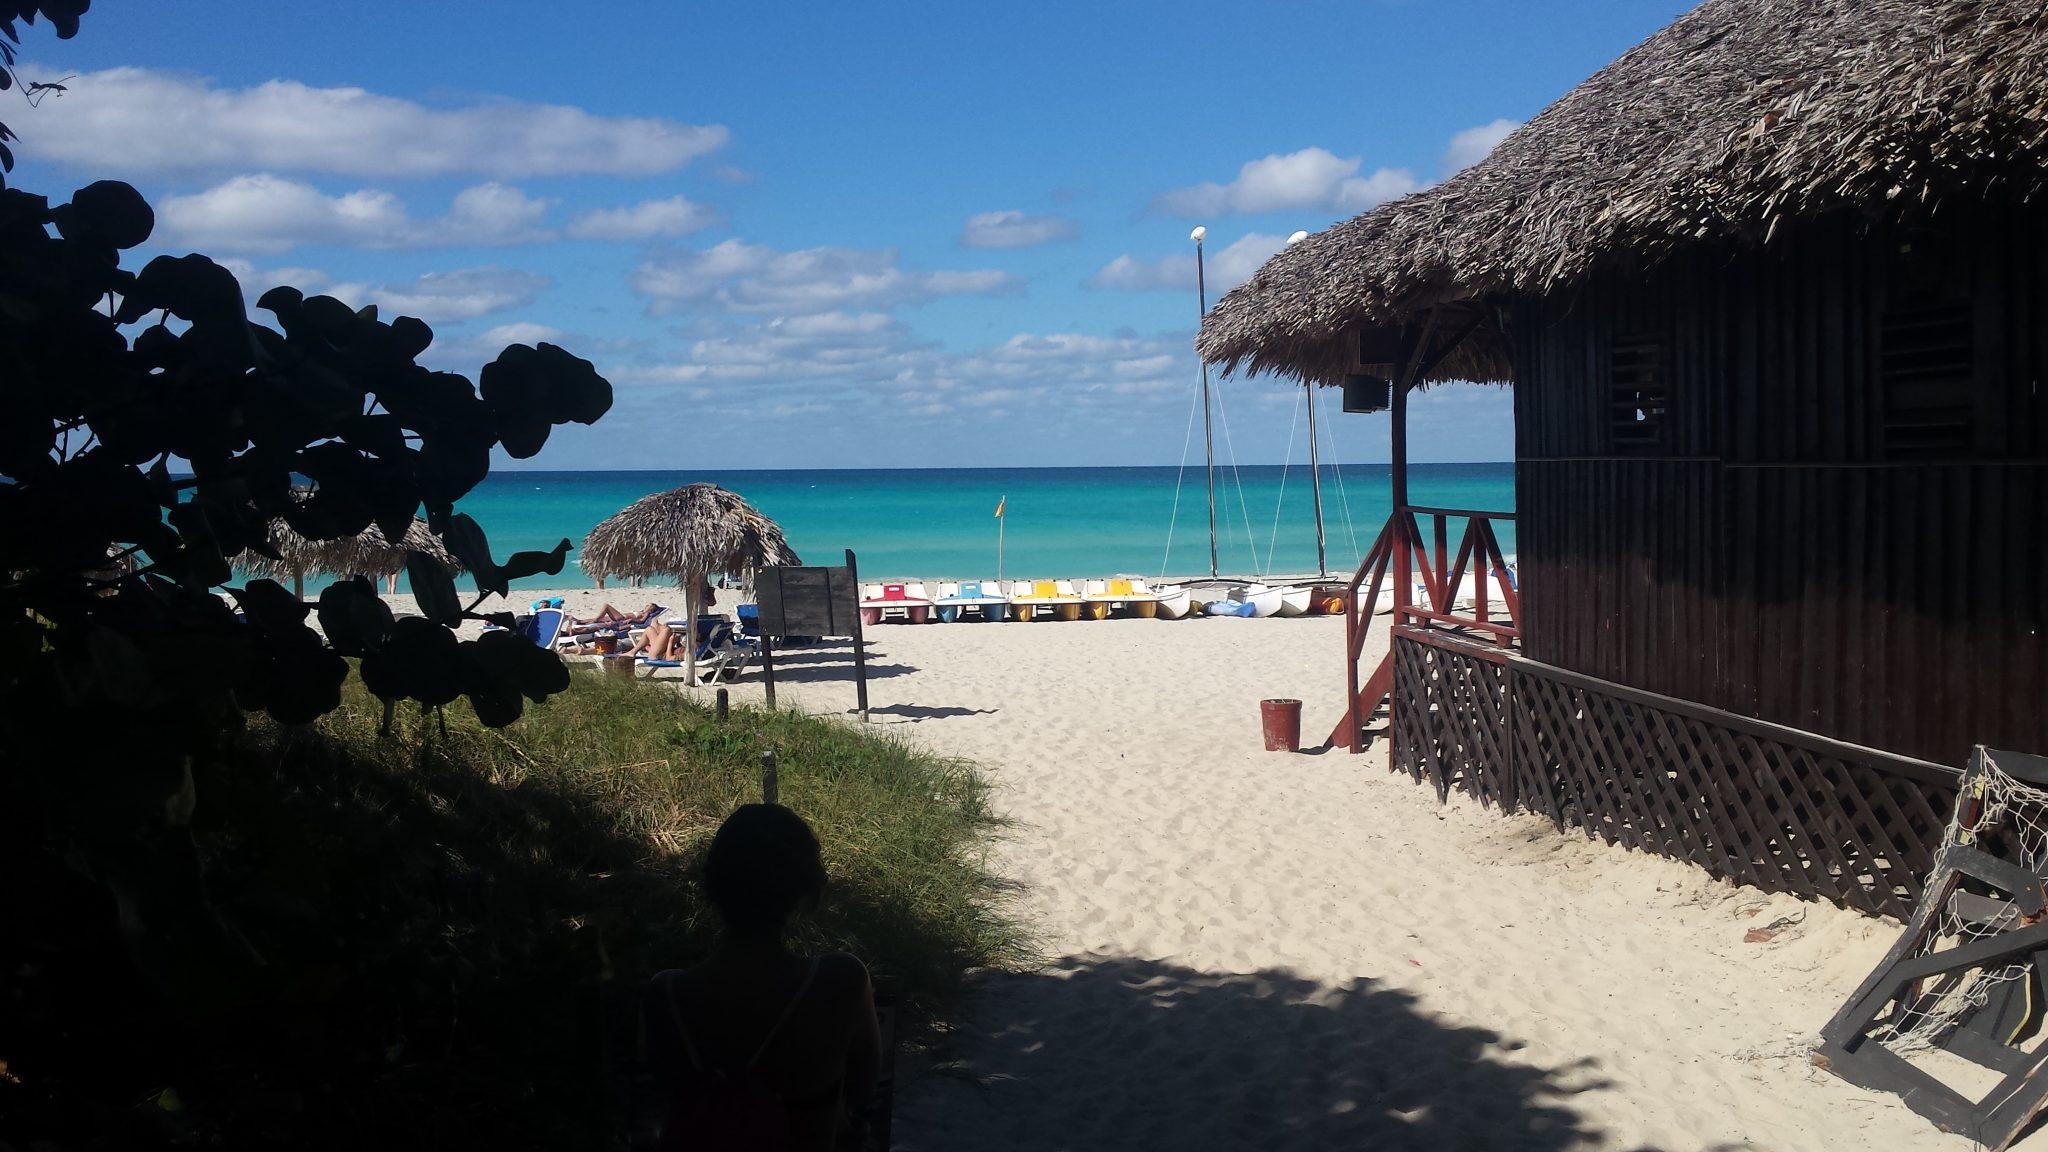 Img post Entrada a la Playa del Hotel Iberostar Tainos. Merece la pena Varadero - Pasaporte y Millas